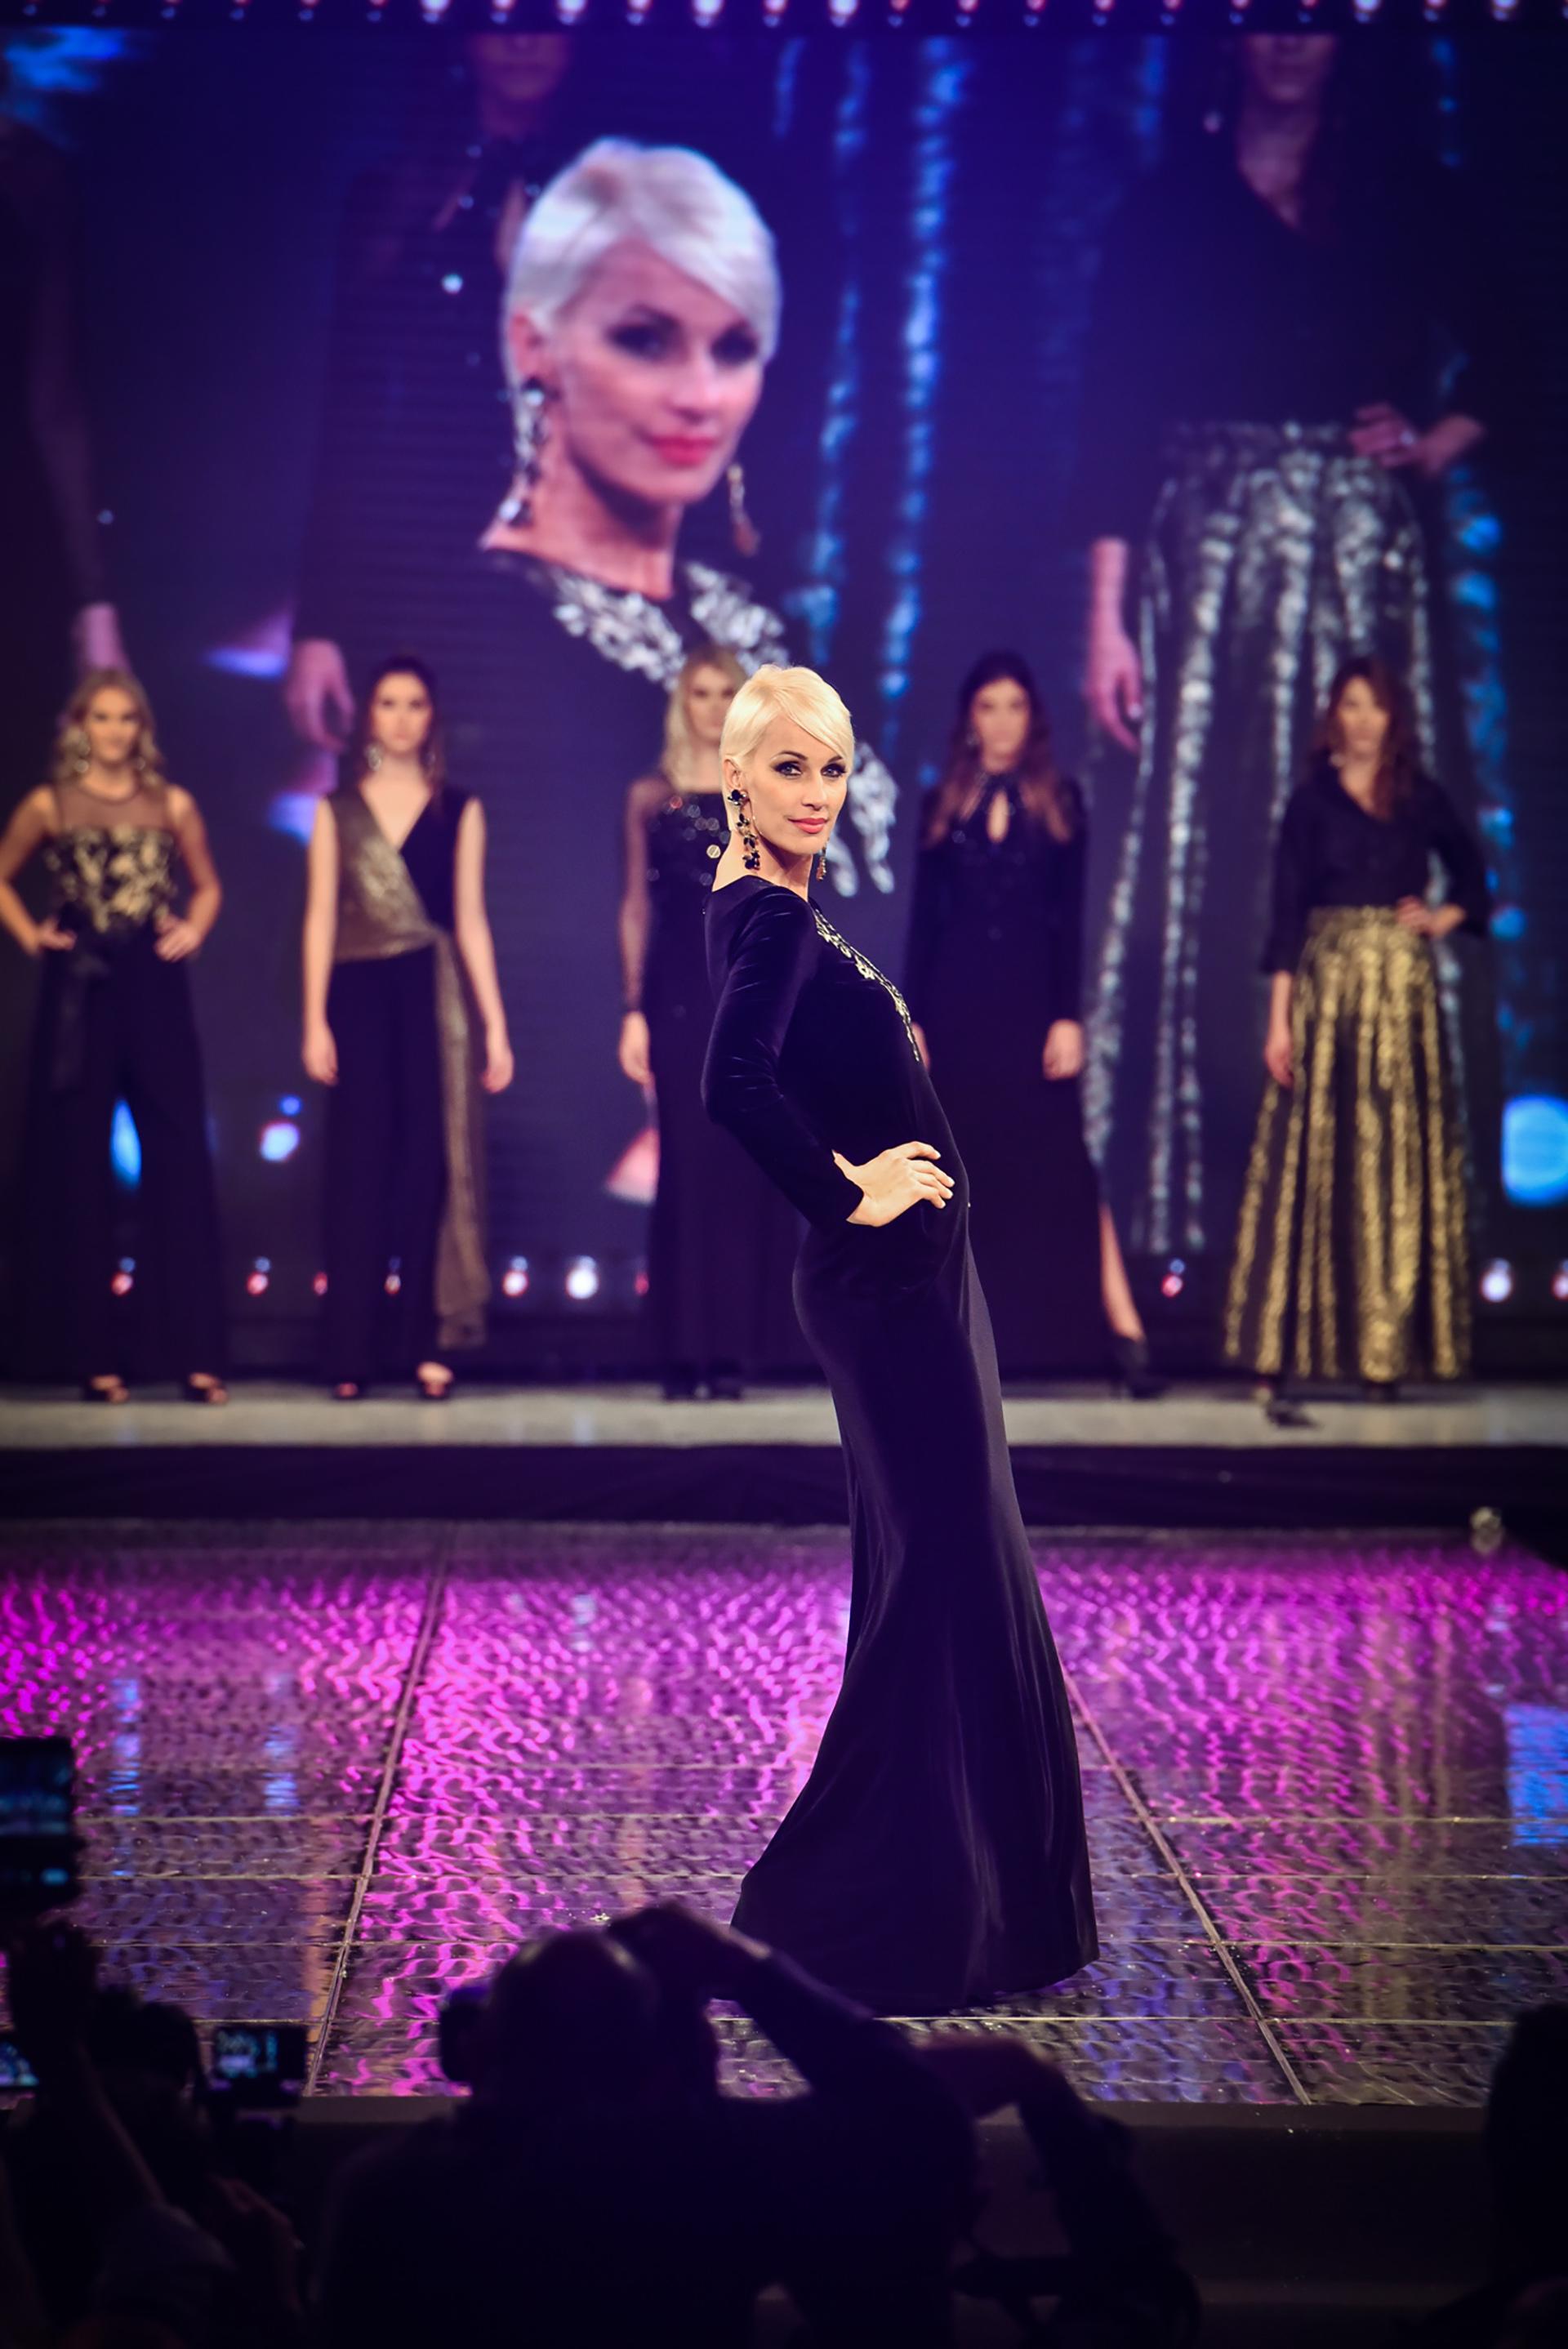 Con encajes, tonos negros y toques dorados. La modelo Ingrid Grudke deslumbró en el cierre de pasado con un vestido de manga larga y accesorios que realzaban la silueta de quien es la cara de la marca Silkey